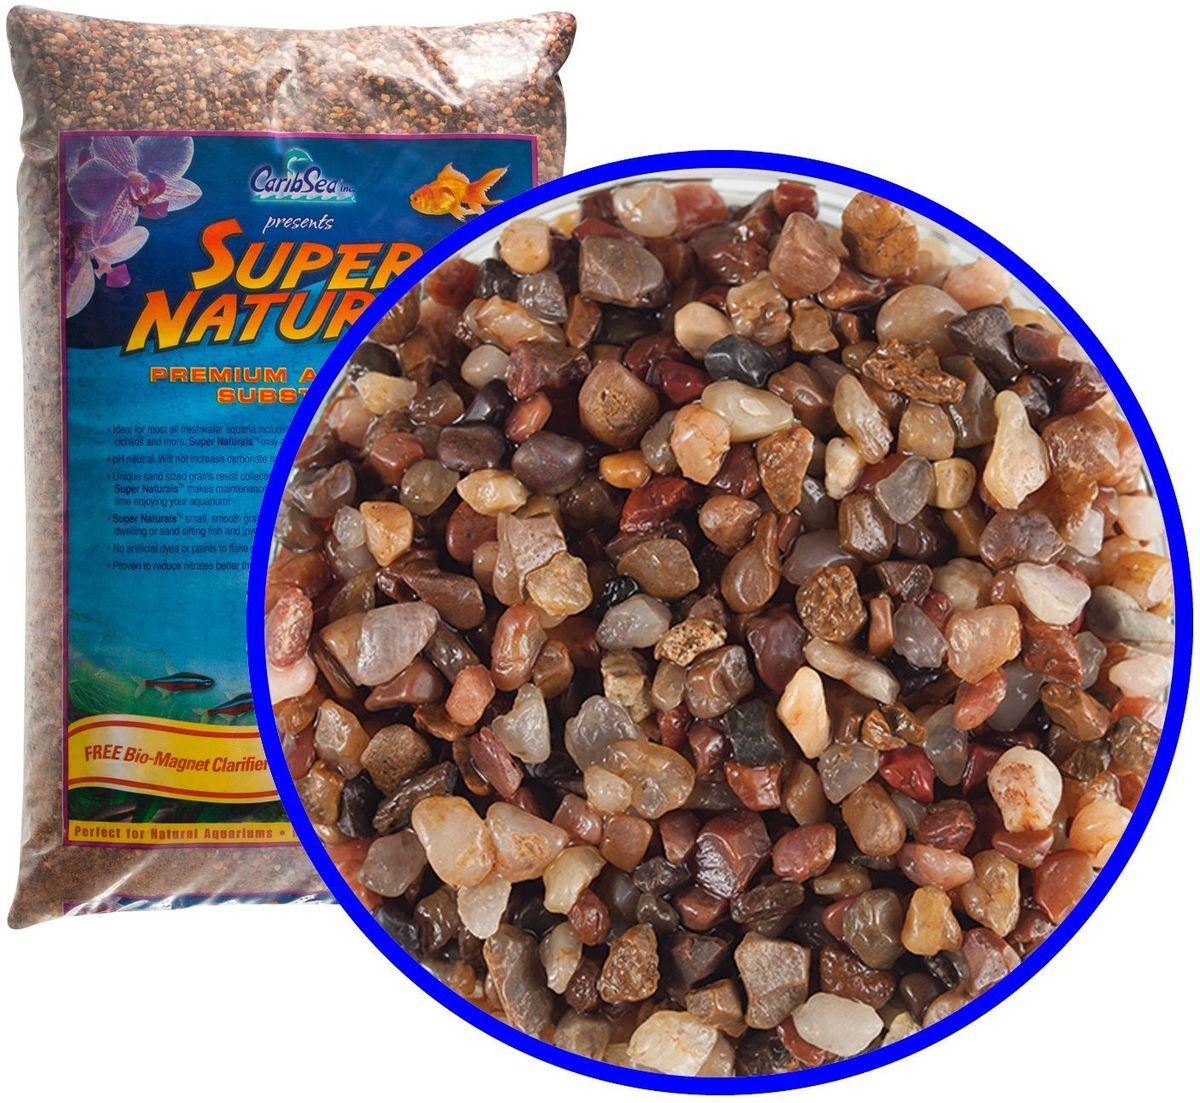 Аквагрунт пресноводный Caribsea Rio Grande, цвет: мульти, 3-5 мм, 9 кг00824Аквариумный грунт премиум-класса с гладкими гранулами, безопасными для рыб и не препятствующими сбору отходов. Имеет нетральный уровень pH, не увеличивает карбонатную жесткость. Смесь цвета ассорти. Размер 3-5 мм.